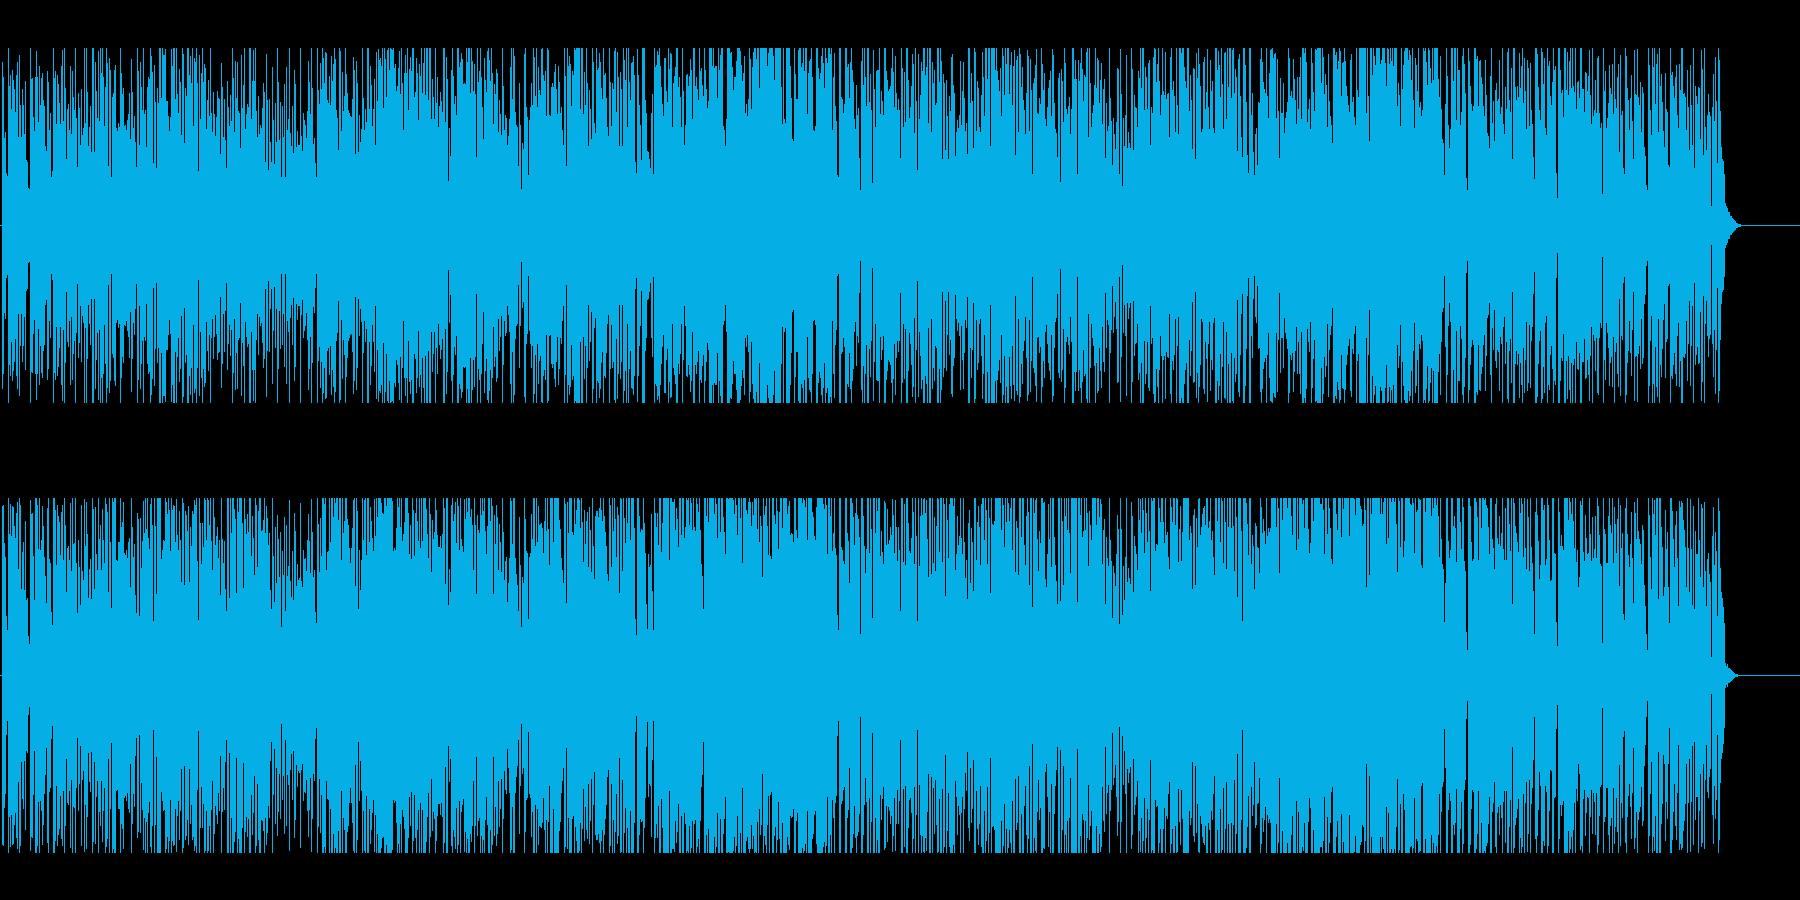 イベント 情報 充実 前進 クイズの再生済みの波形